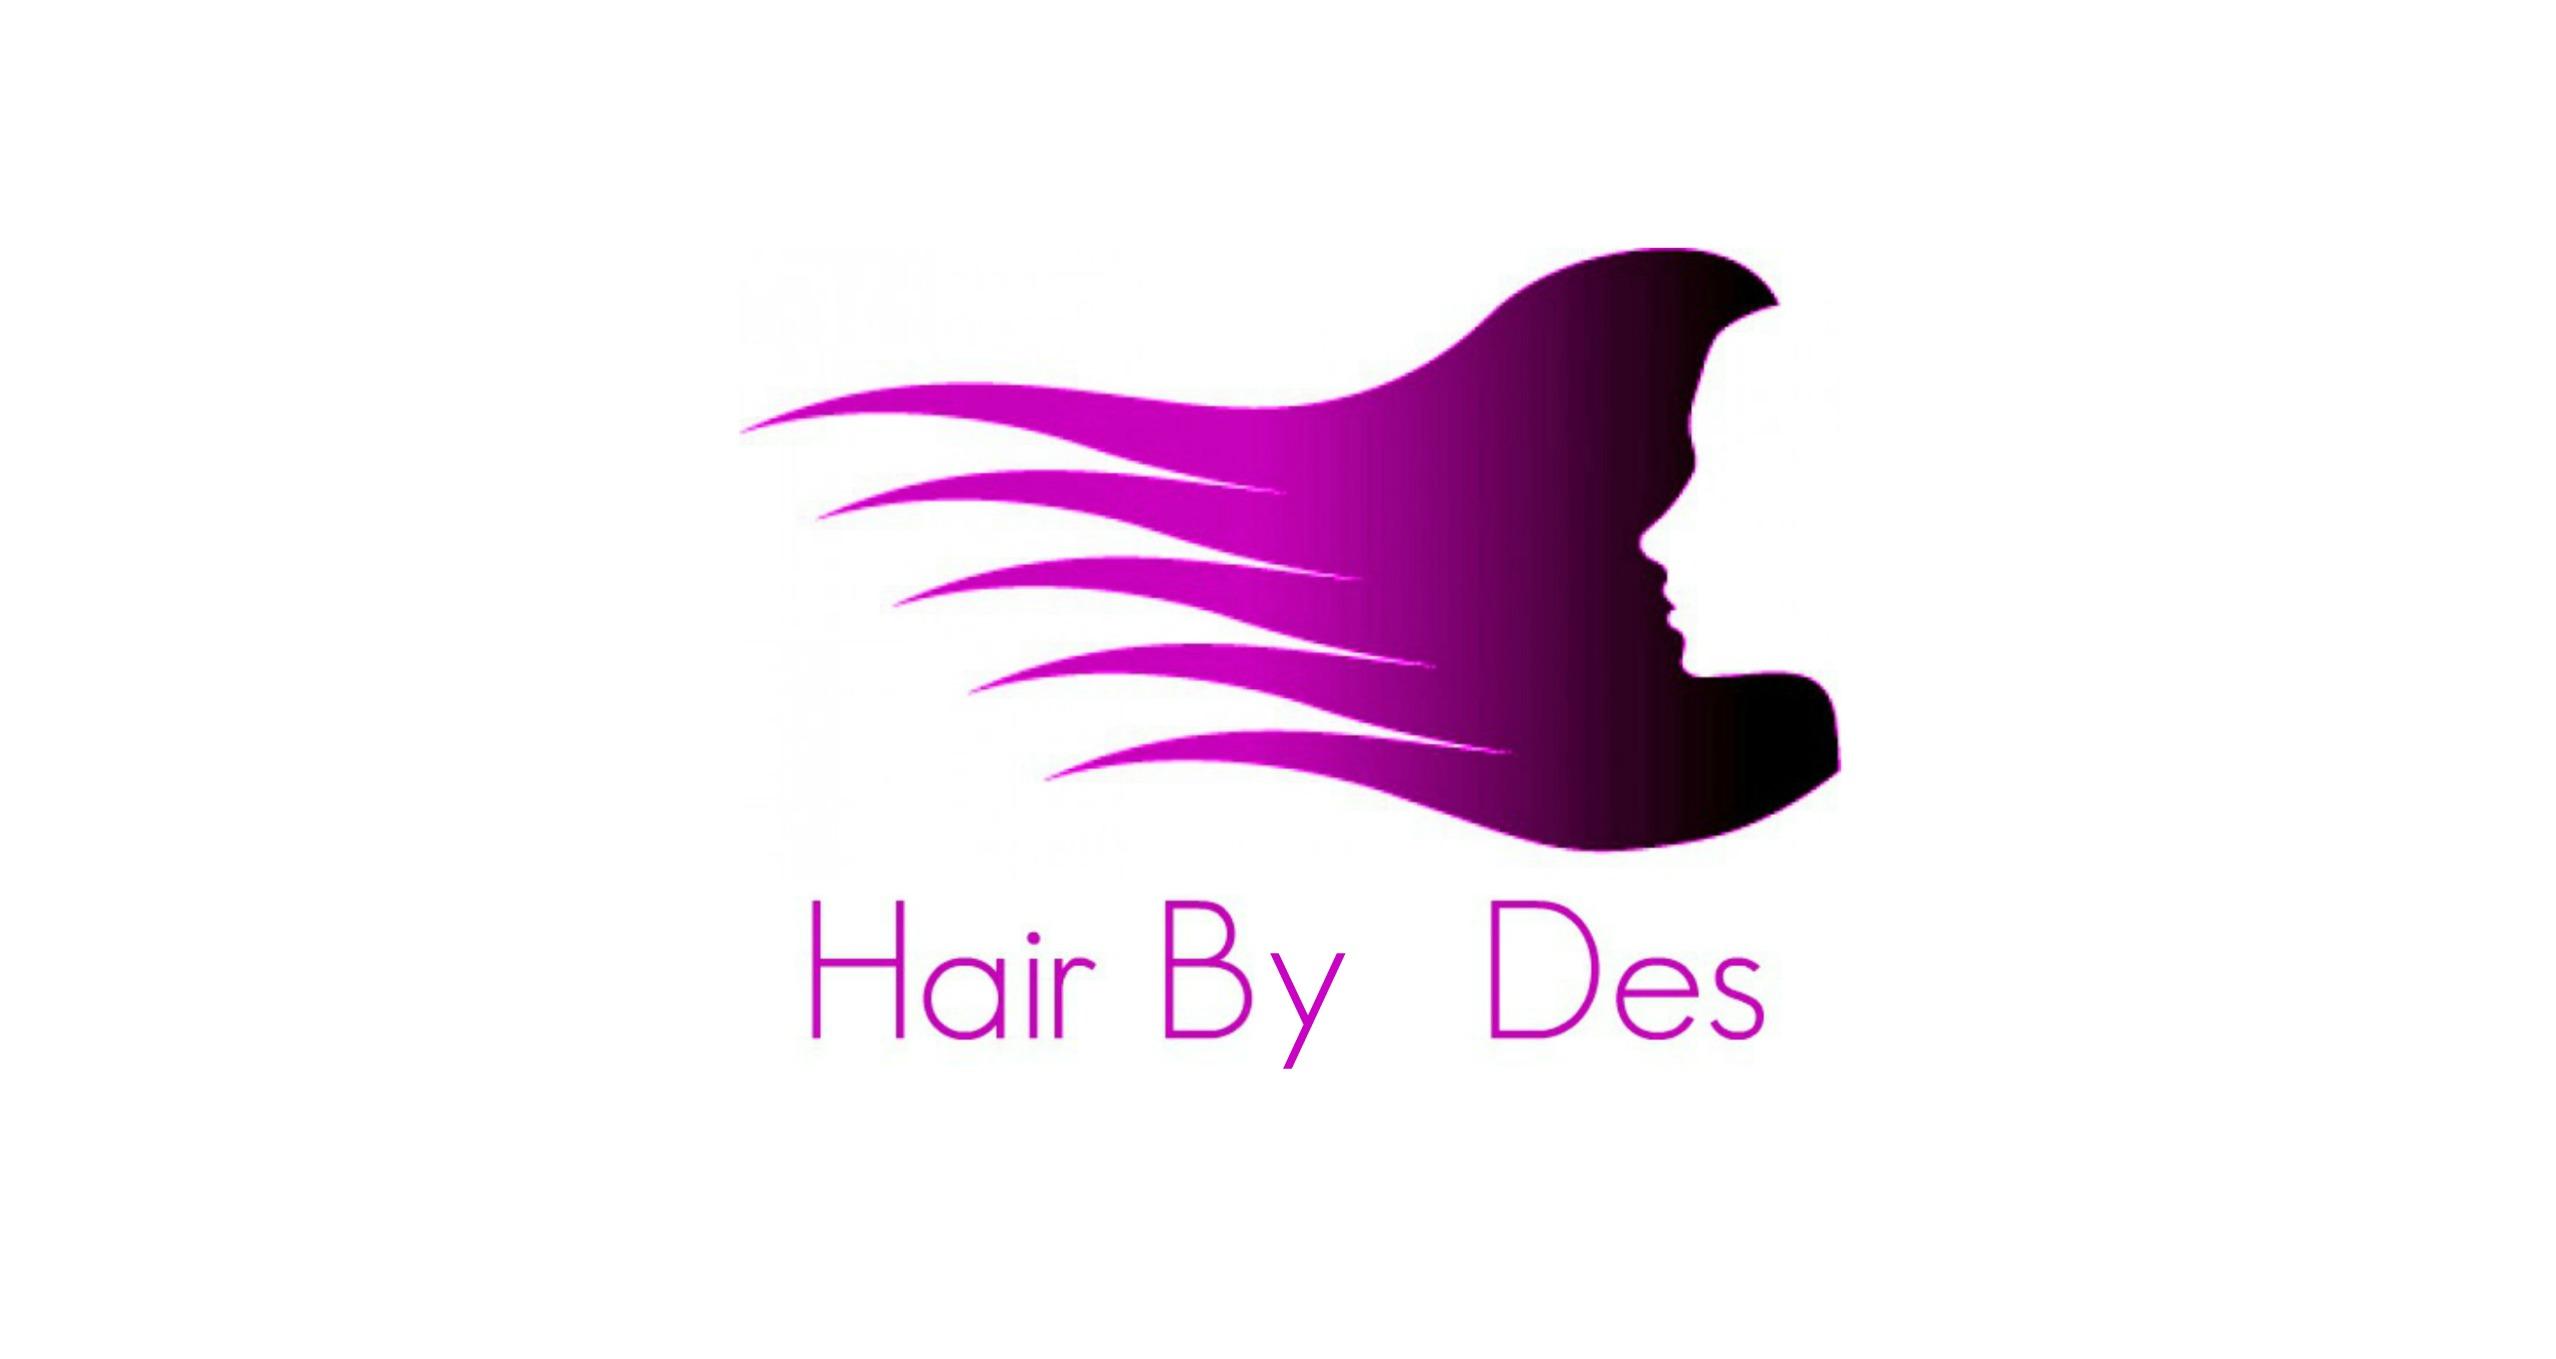 Hair By Dez